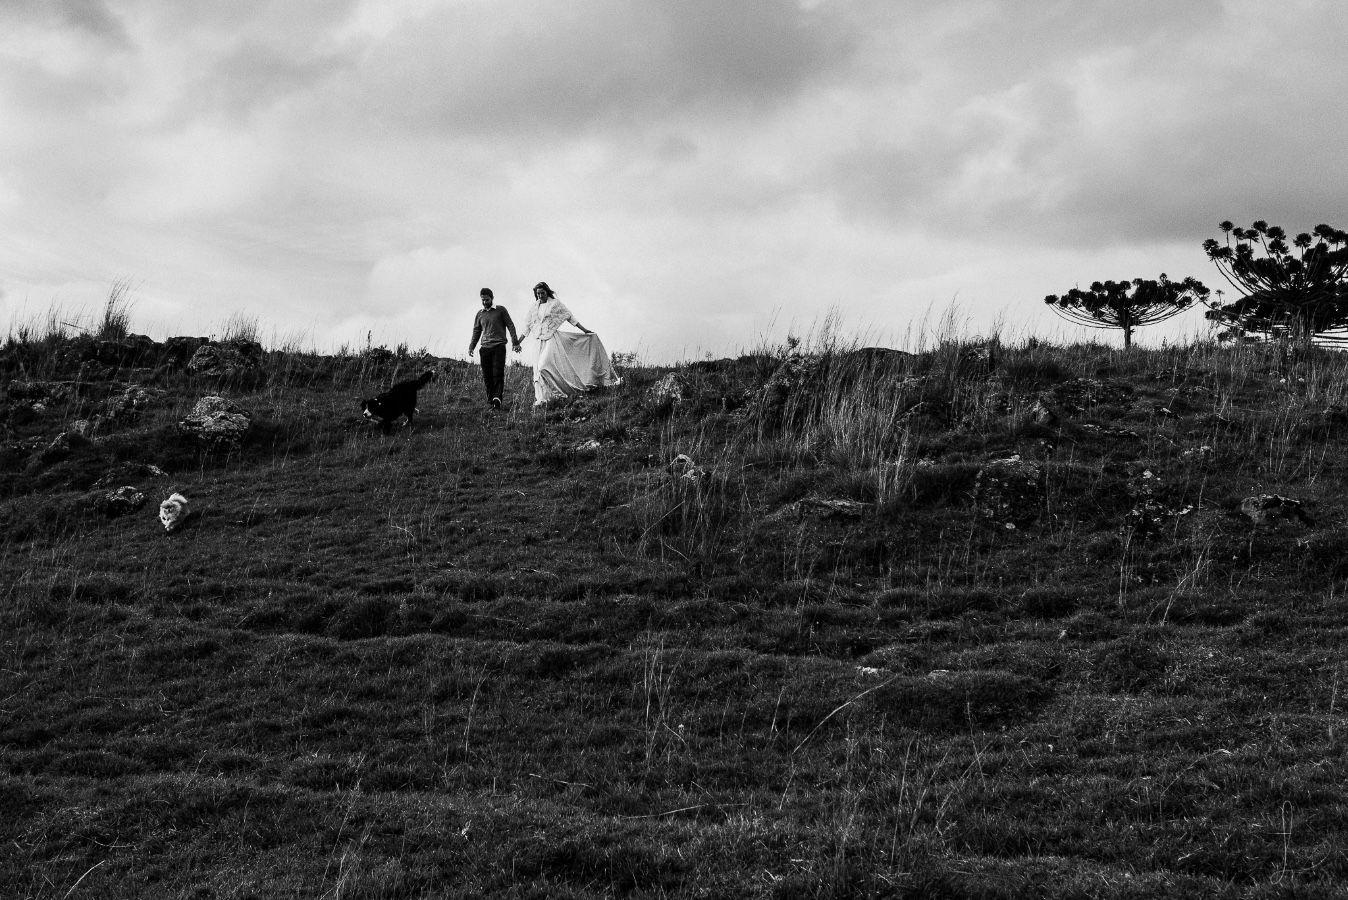 350df61c-5313-4723-b114-af4c3fbffb07 Pré Wedding no interior gaúcho - Nicole e Rafael | Inspire-se